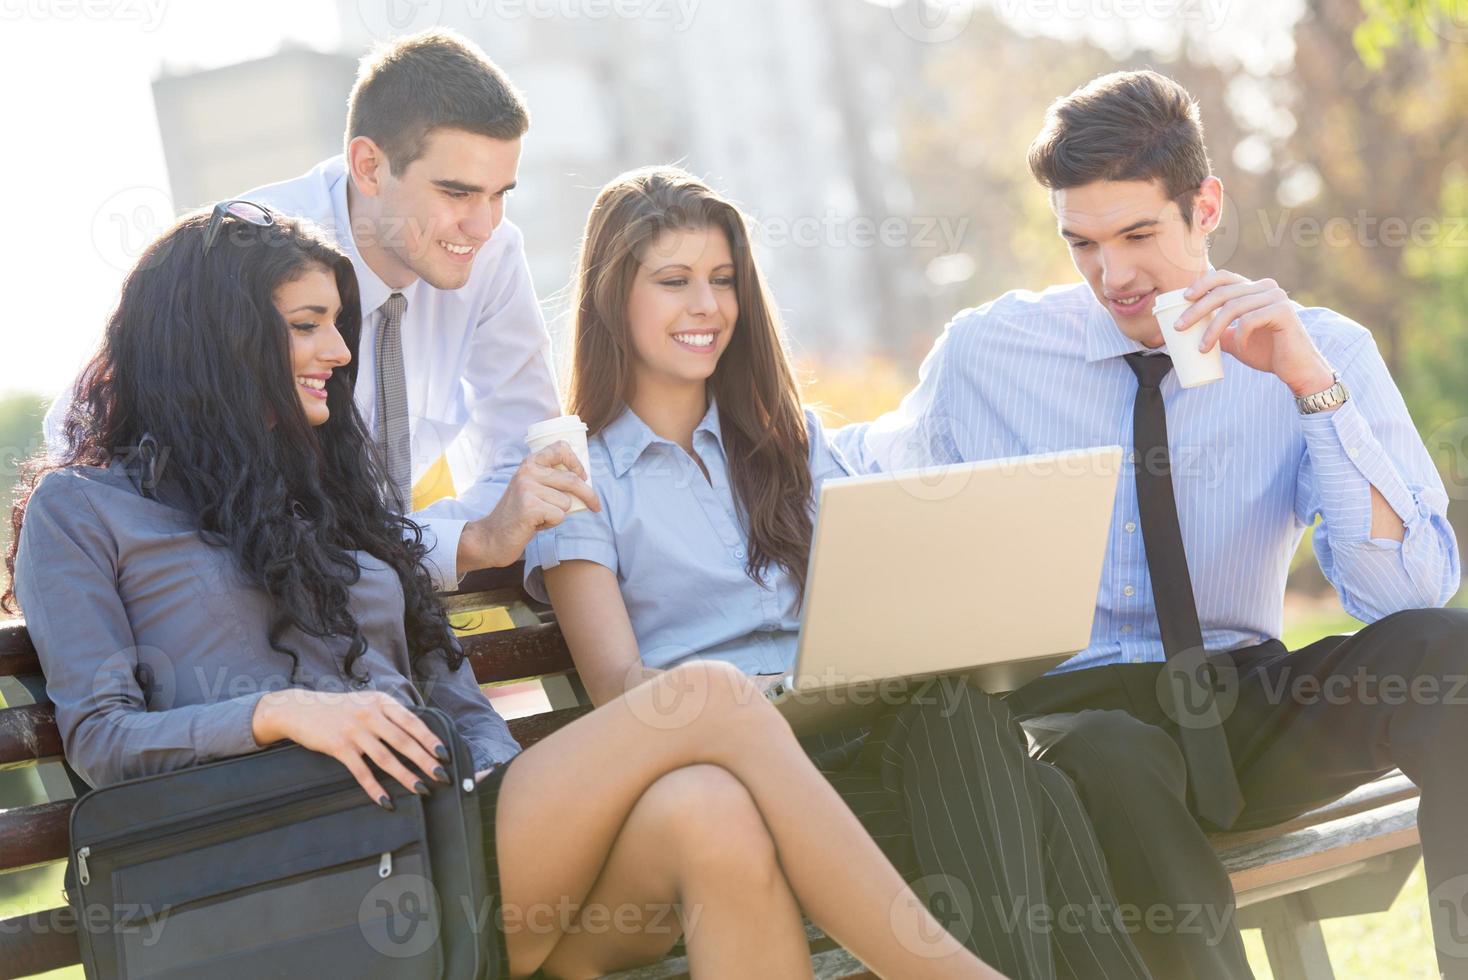 giovani imprenditori sulla panchina del parco foto